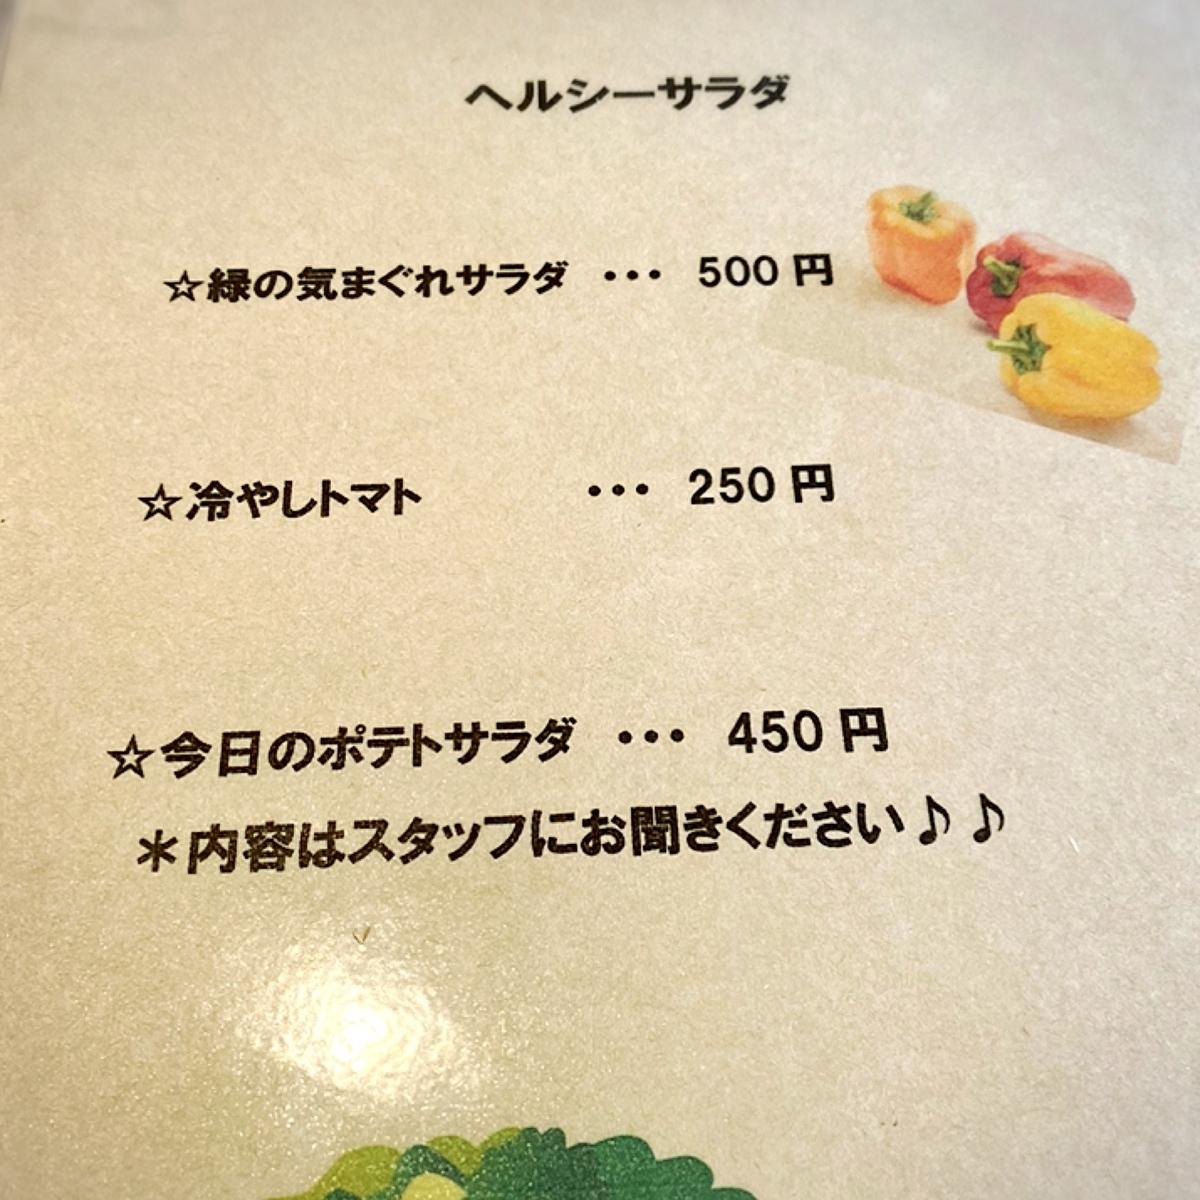 「御菜屋 紅青椒(パプリカ)」のメニューと値段5